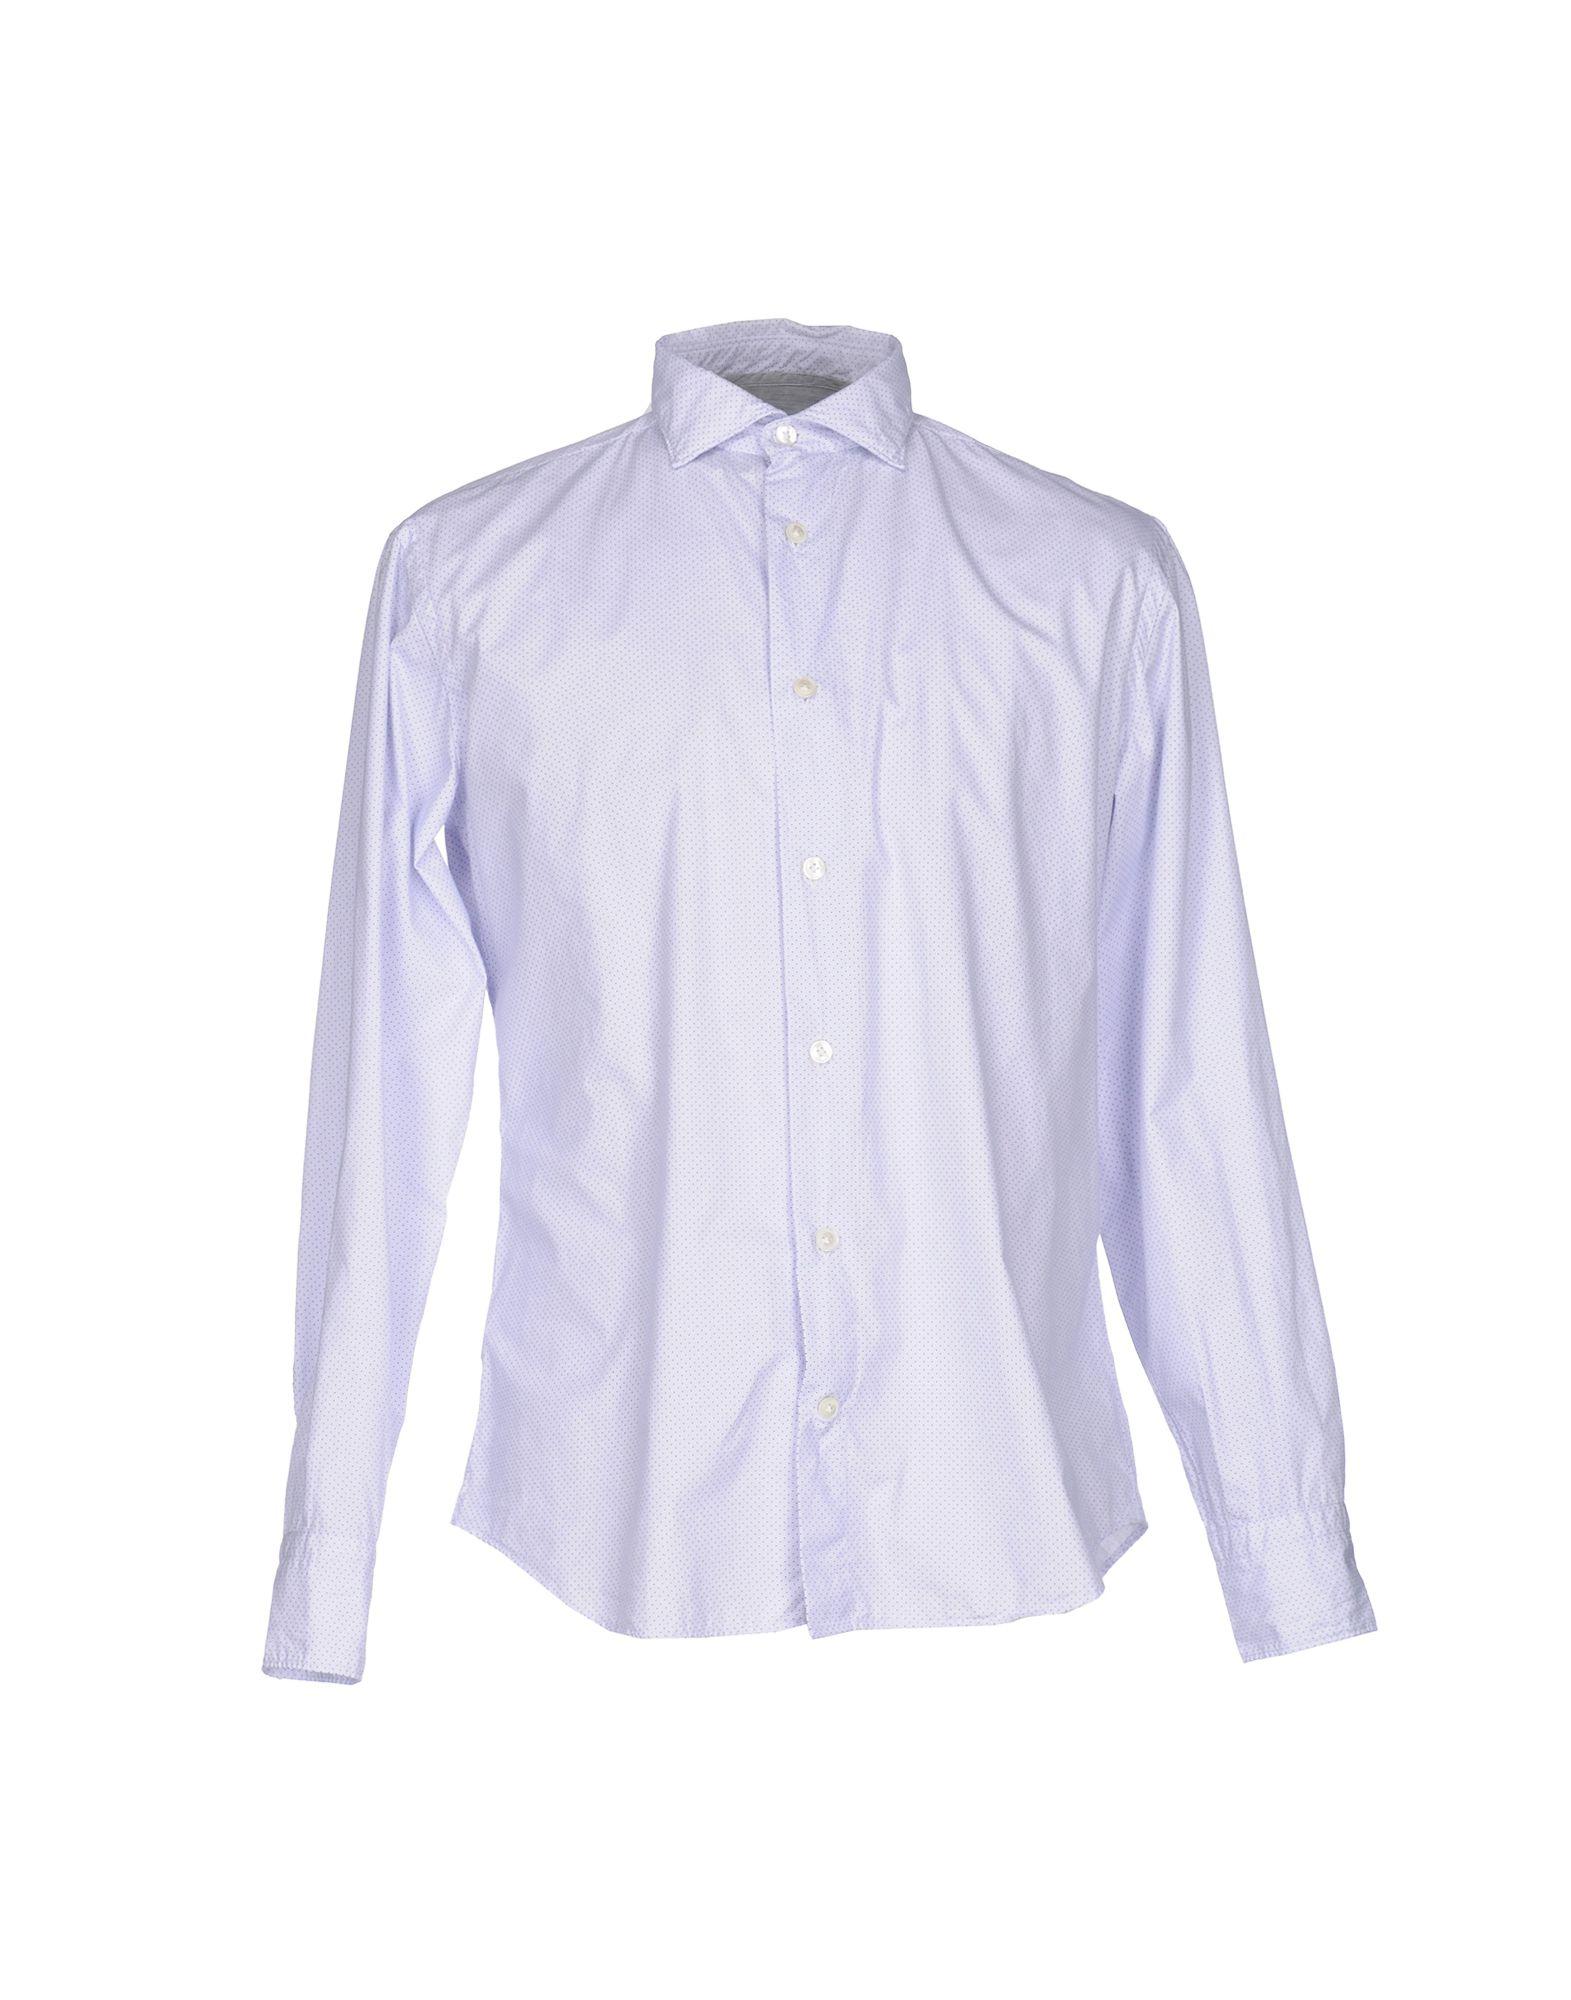 《送料無料》ELEVENTY メンズ シャツ ライラック 41 コットン 100%